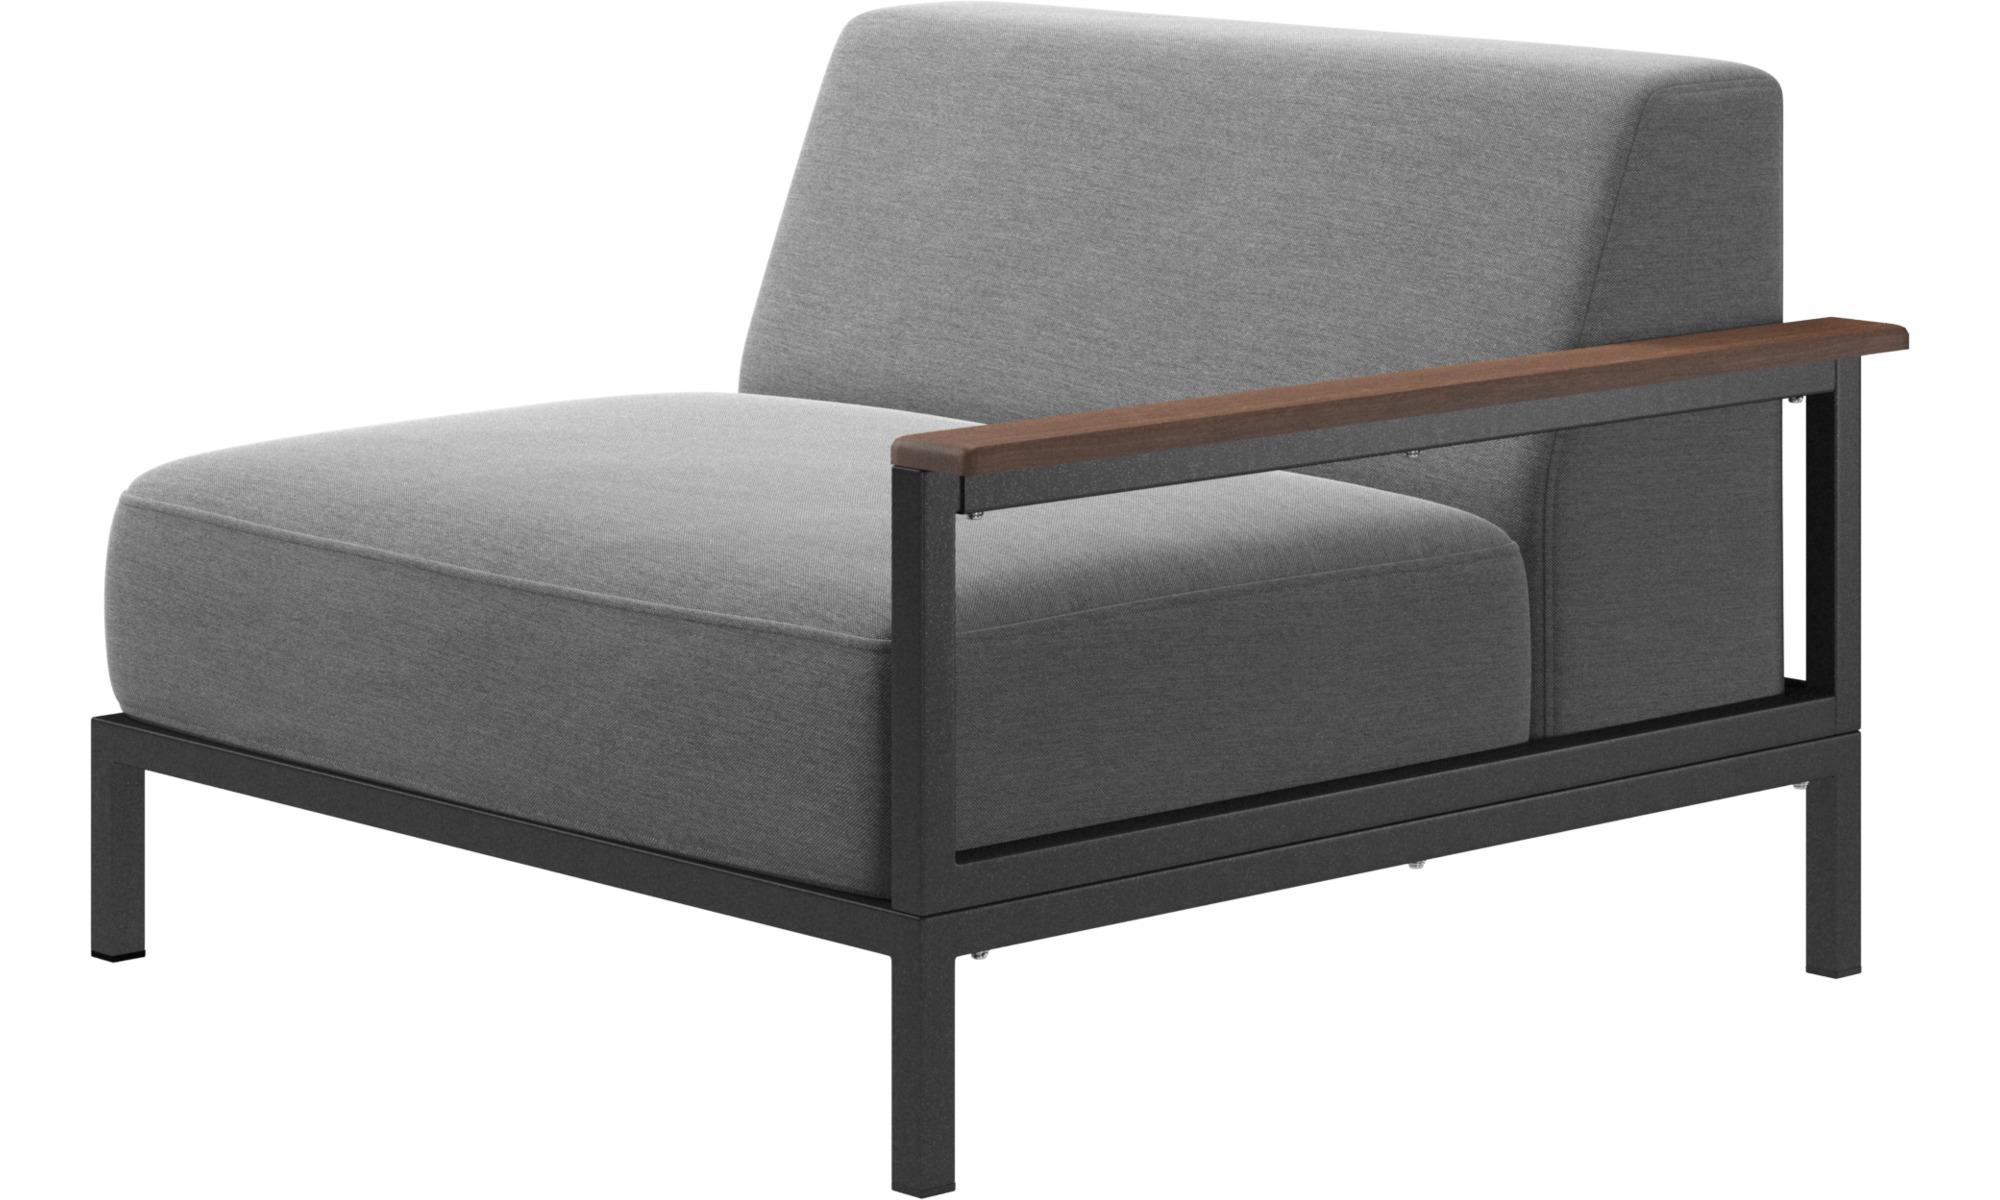 canap s d 39 ext rieur canap d 39 ext rieur rome boconcept. Black Bedroom Furniture Sets. Home Design Ideas